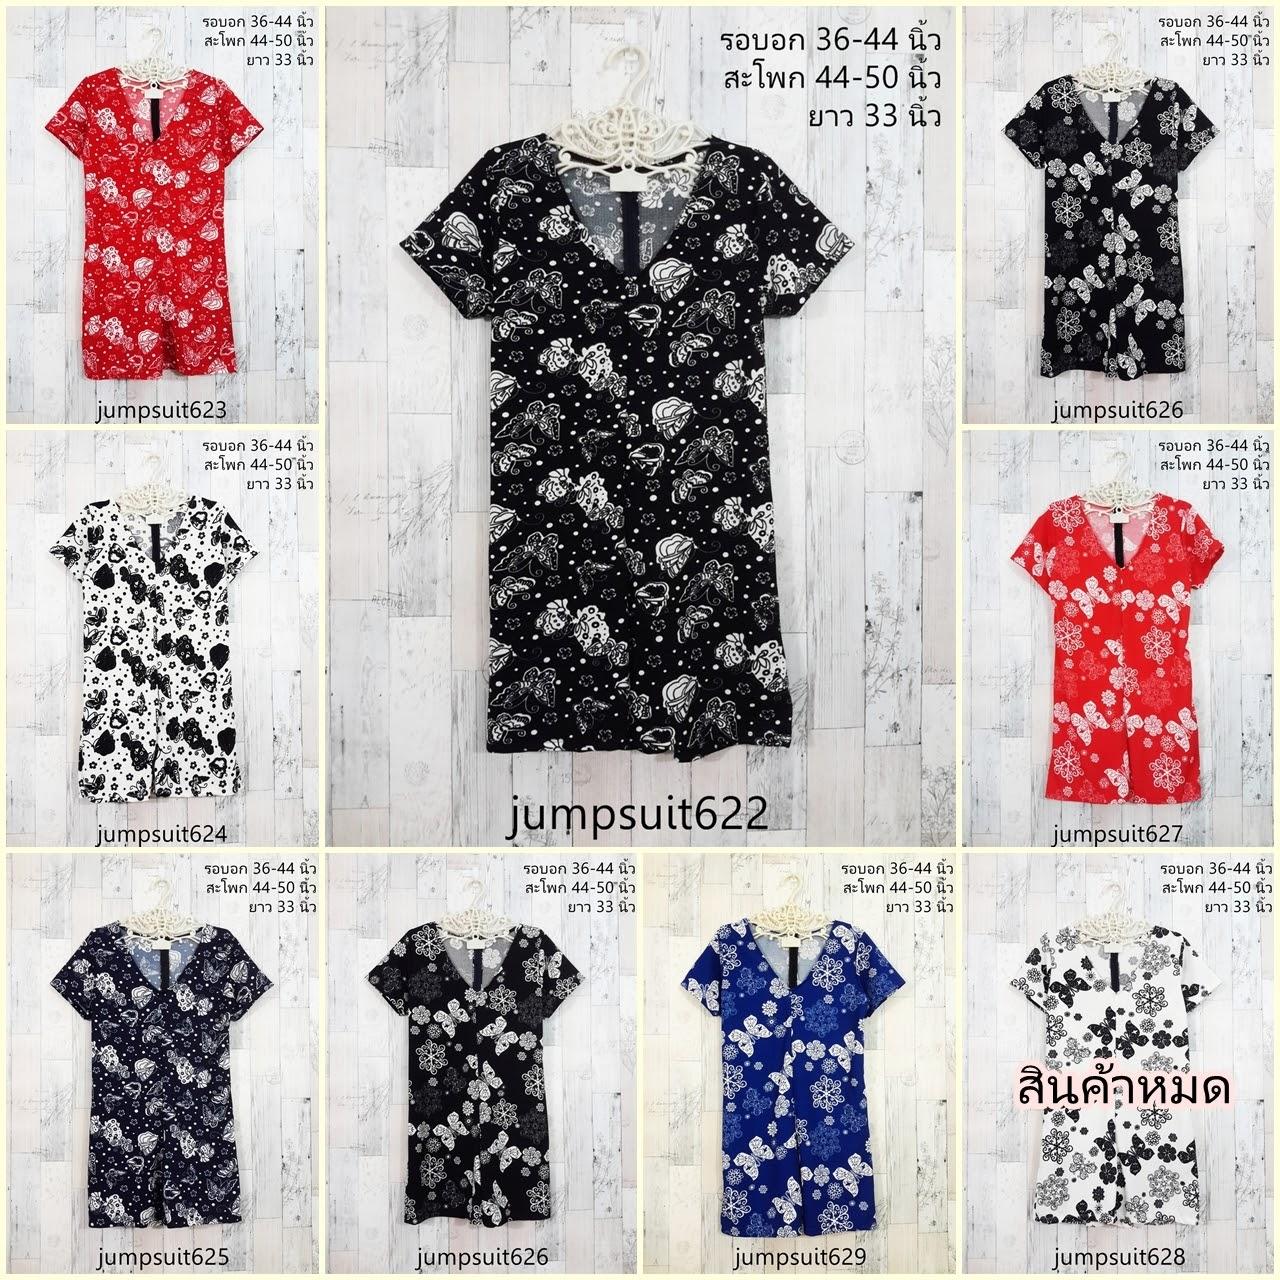 Jumpsuit622-629 Big Size Jumpsuit จัมพ์สูทคอวีขาสั้นไซส์ใหญ่ลายผีเสื้อ มีซิปหลังใส่ง่าย ผ้าเนื้อดีทิ้งตัวสวยยืดขยายได้เยอะ **งานเหลือ 3 โทนสี ดำ แดง น้ำเงิน